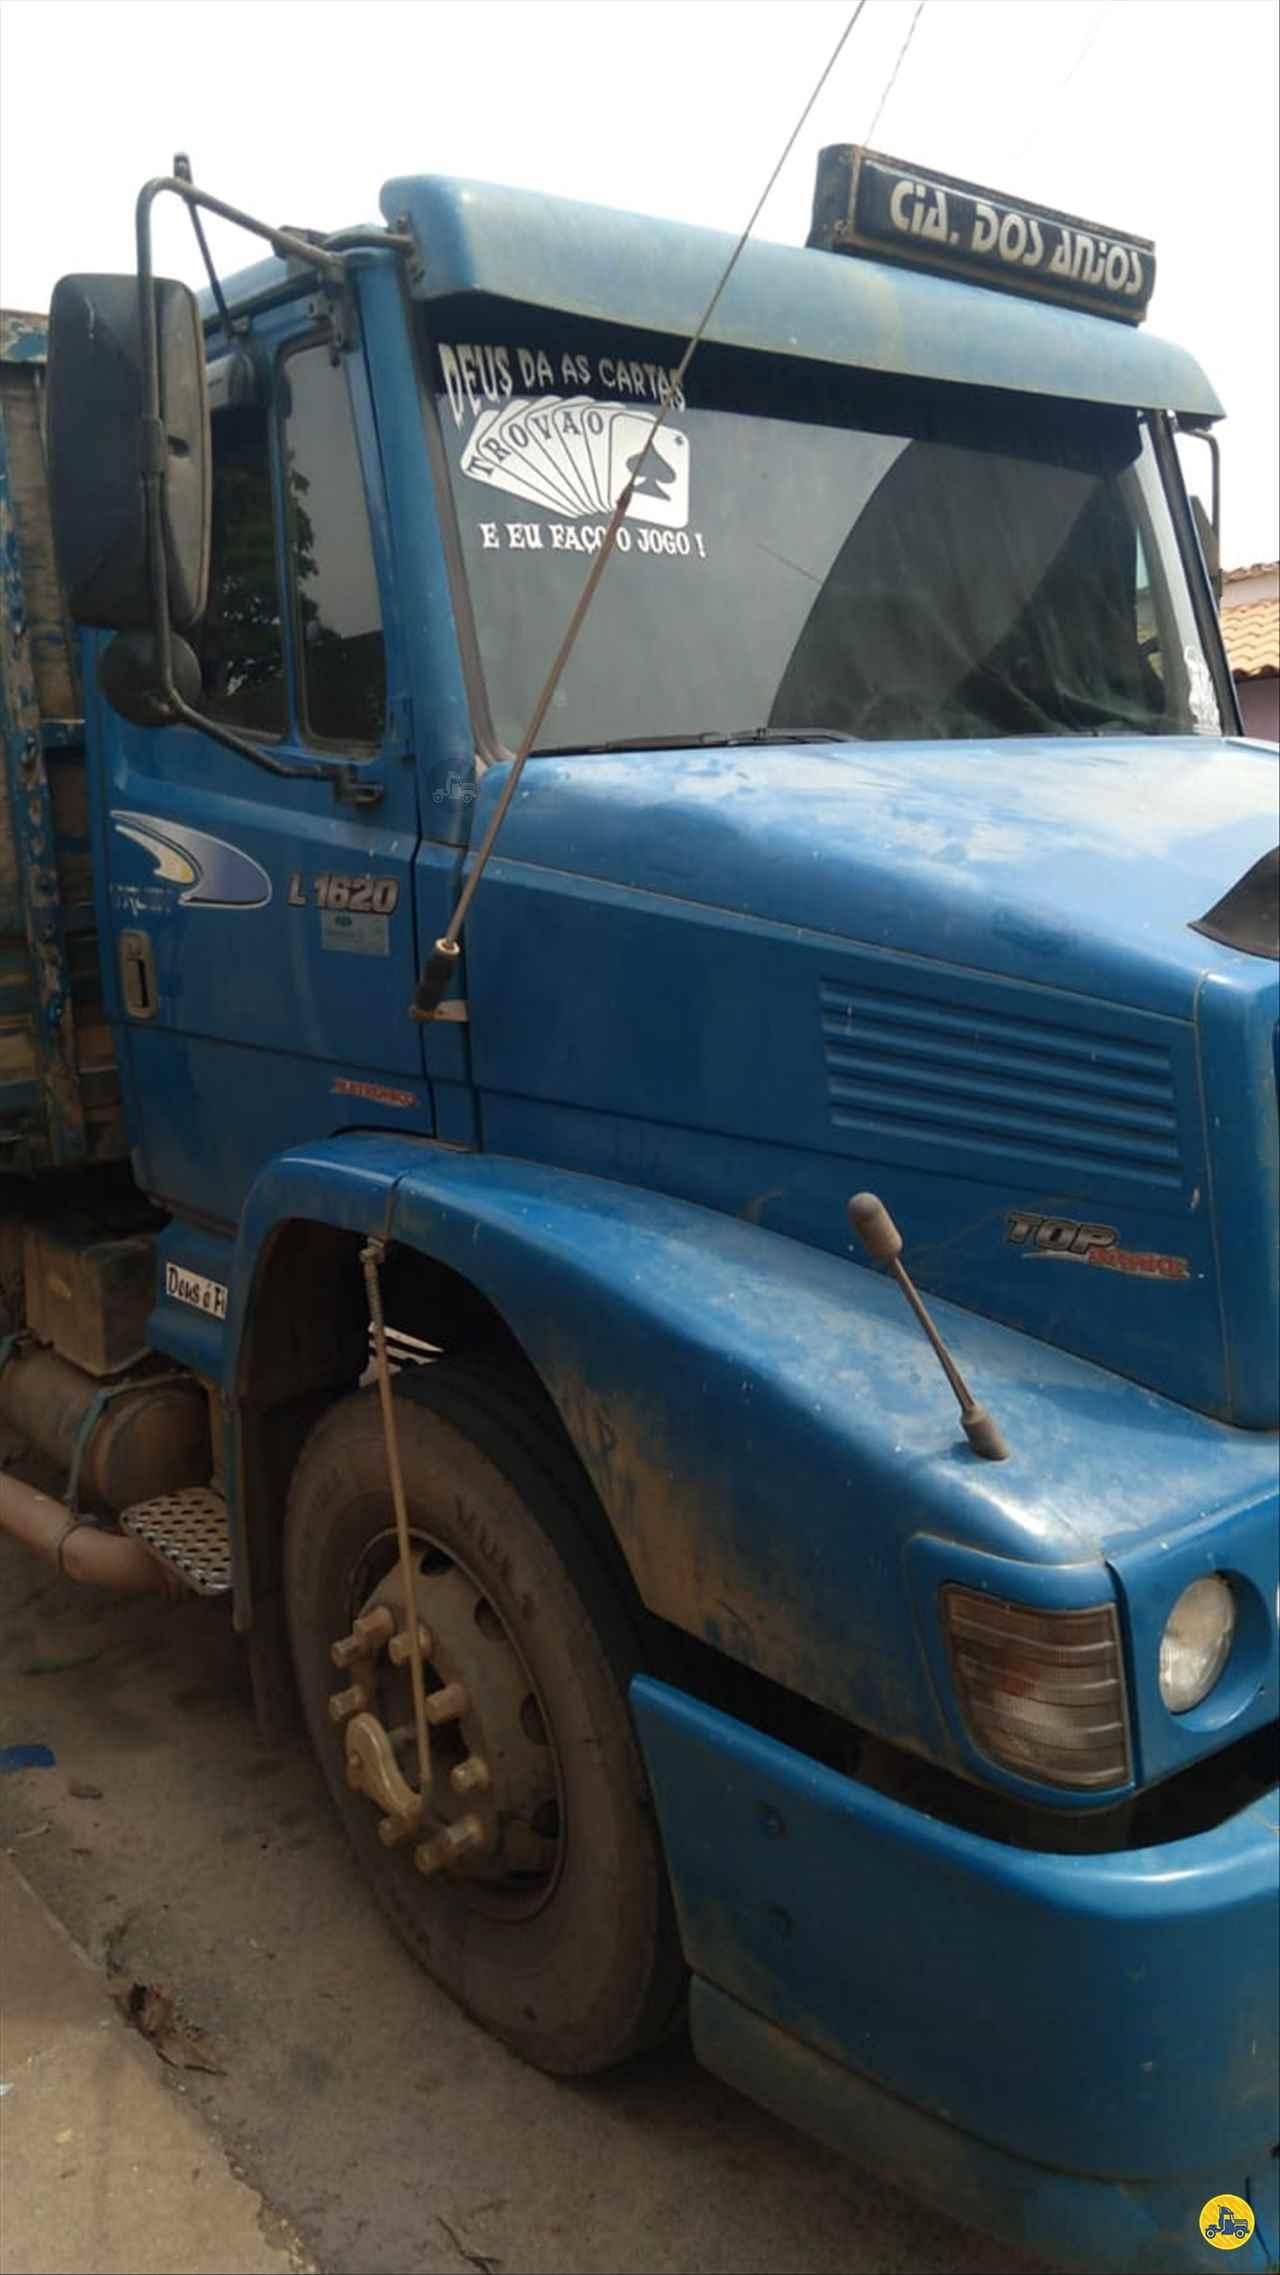 CAMINHAO MERCEDES-BENZ MB 1620 Graneleiro Truck 6x2 Cotral Caminhões SERRA DO SALITRE MINAS GERAIS MG